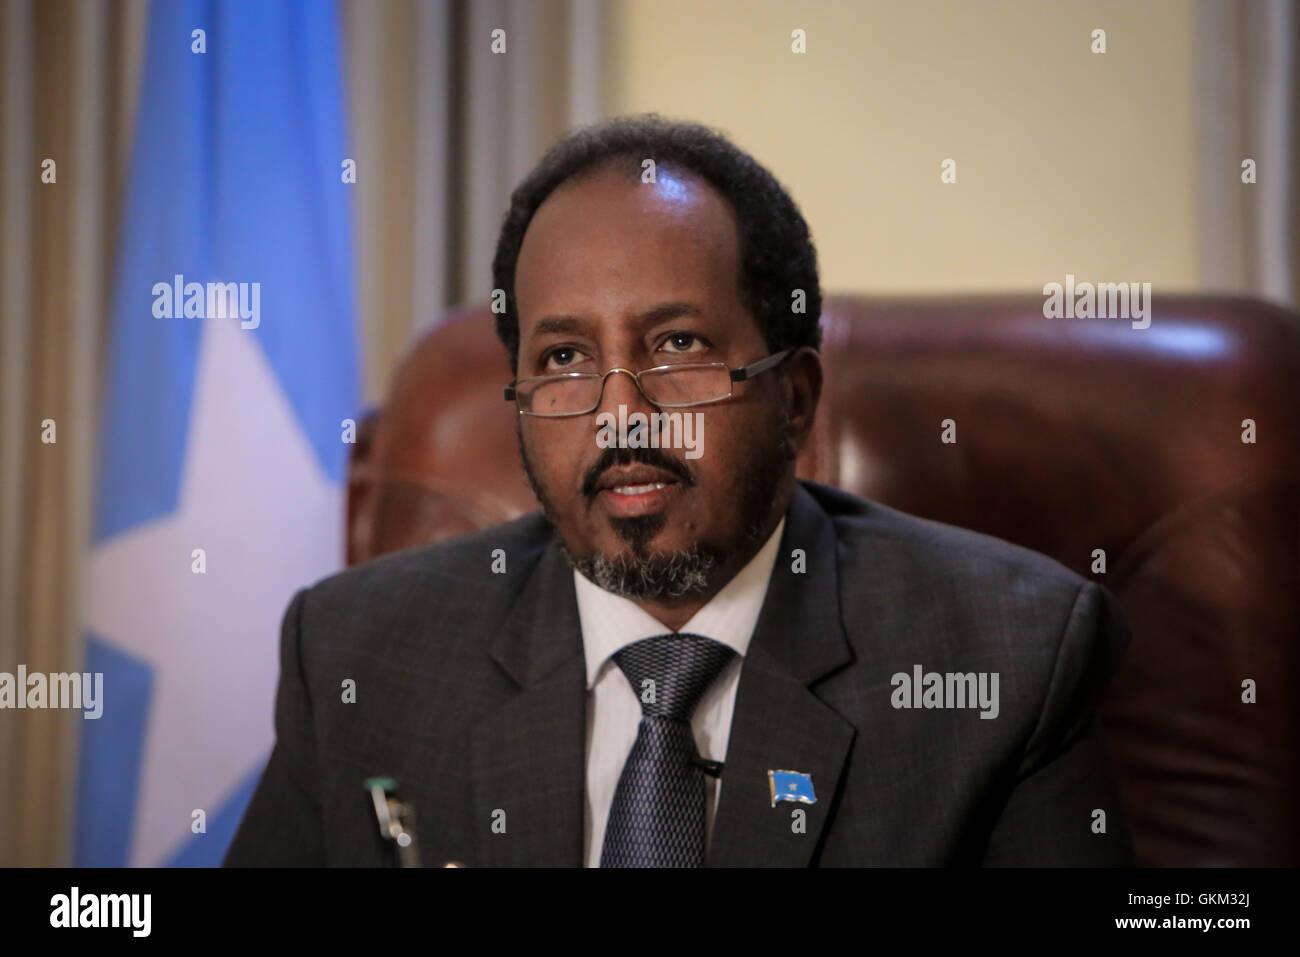 SOMALIA, Mogadiscio: en fotografía y liberado por el Grupo Africano Europea-estados unidas, Equipo de Apoyo a la información 19 de abril de 2013, el jeque Hassan Presidente somalí Mohamud es visto en su oficina presidencial en el interior de Villa Somalia, el complejo que alberga el gobierno somalí en la capital del país, Mogadiscio. Enumerados en este año de la revista Time la lista de las 100 personas más influyentes, Mohamud es presidente de Somalia el primer gobierno elegido democráticamente después de dos décadas de guerra civil, los disturbios y los conflictos en el Cuerno de África la nación. AU-ONU IST FOTO / STUART PRICE. Foto de stock